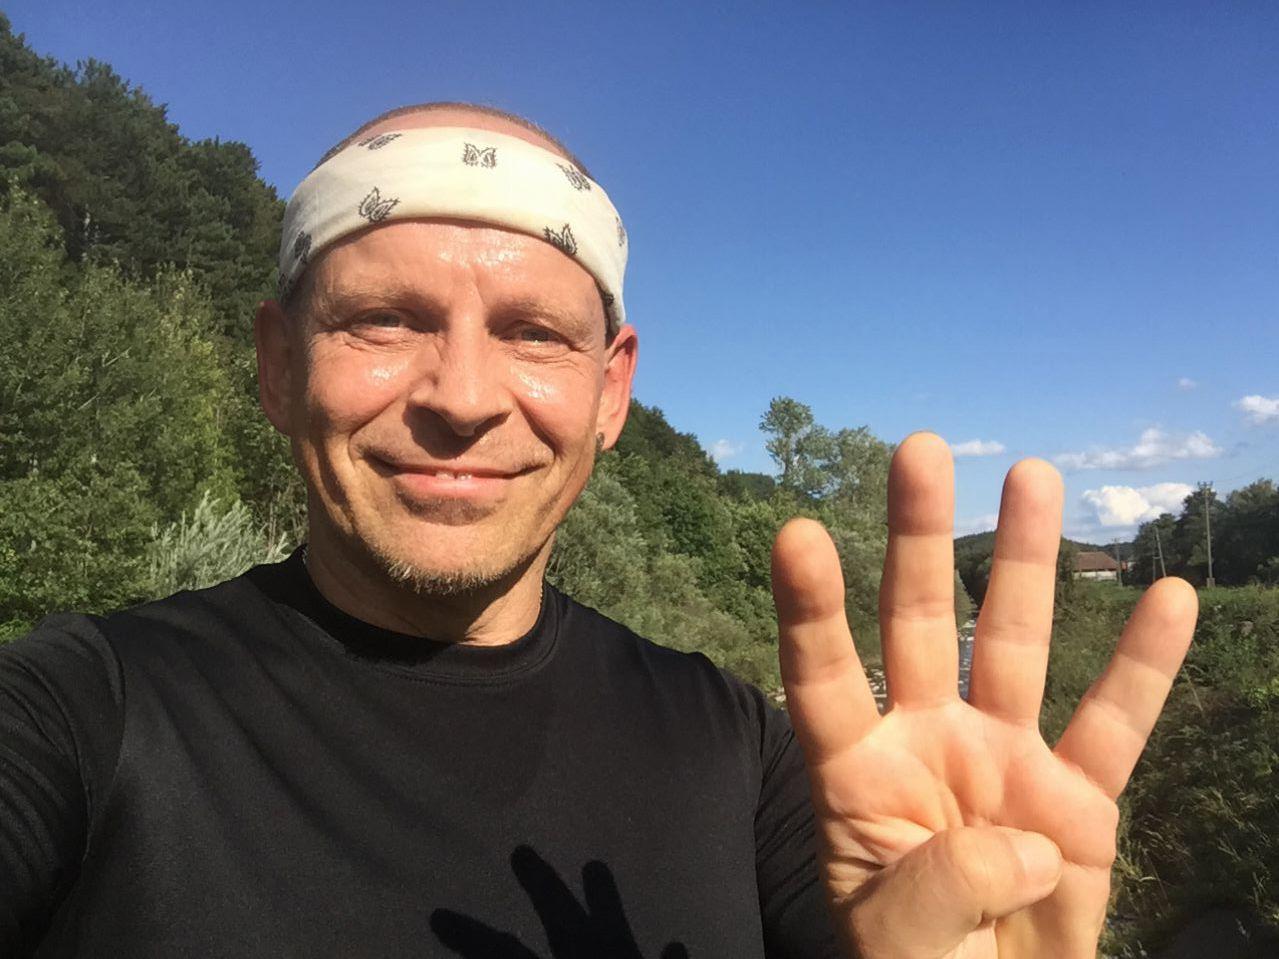 4.000 km laufen, schreiben, Gewohnheiten, Glaubenssätze und dein Buch – Folge 132